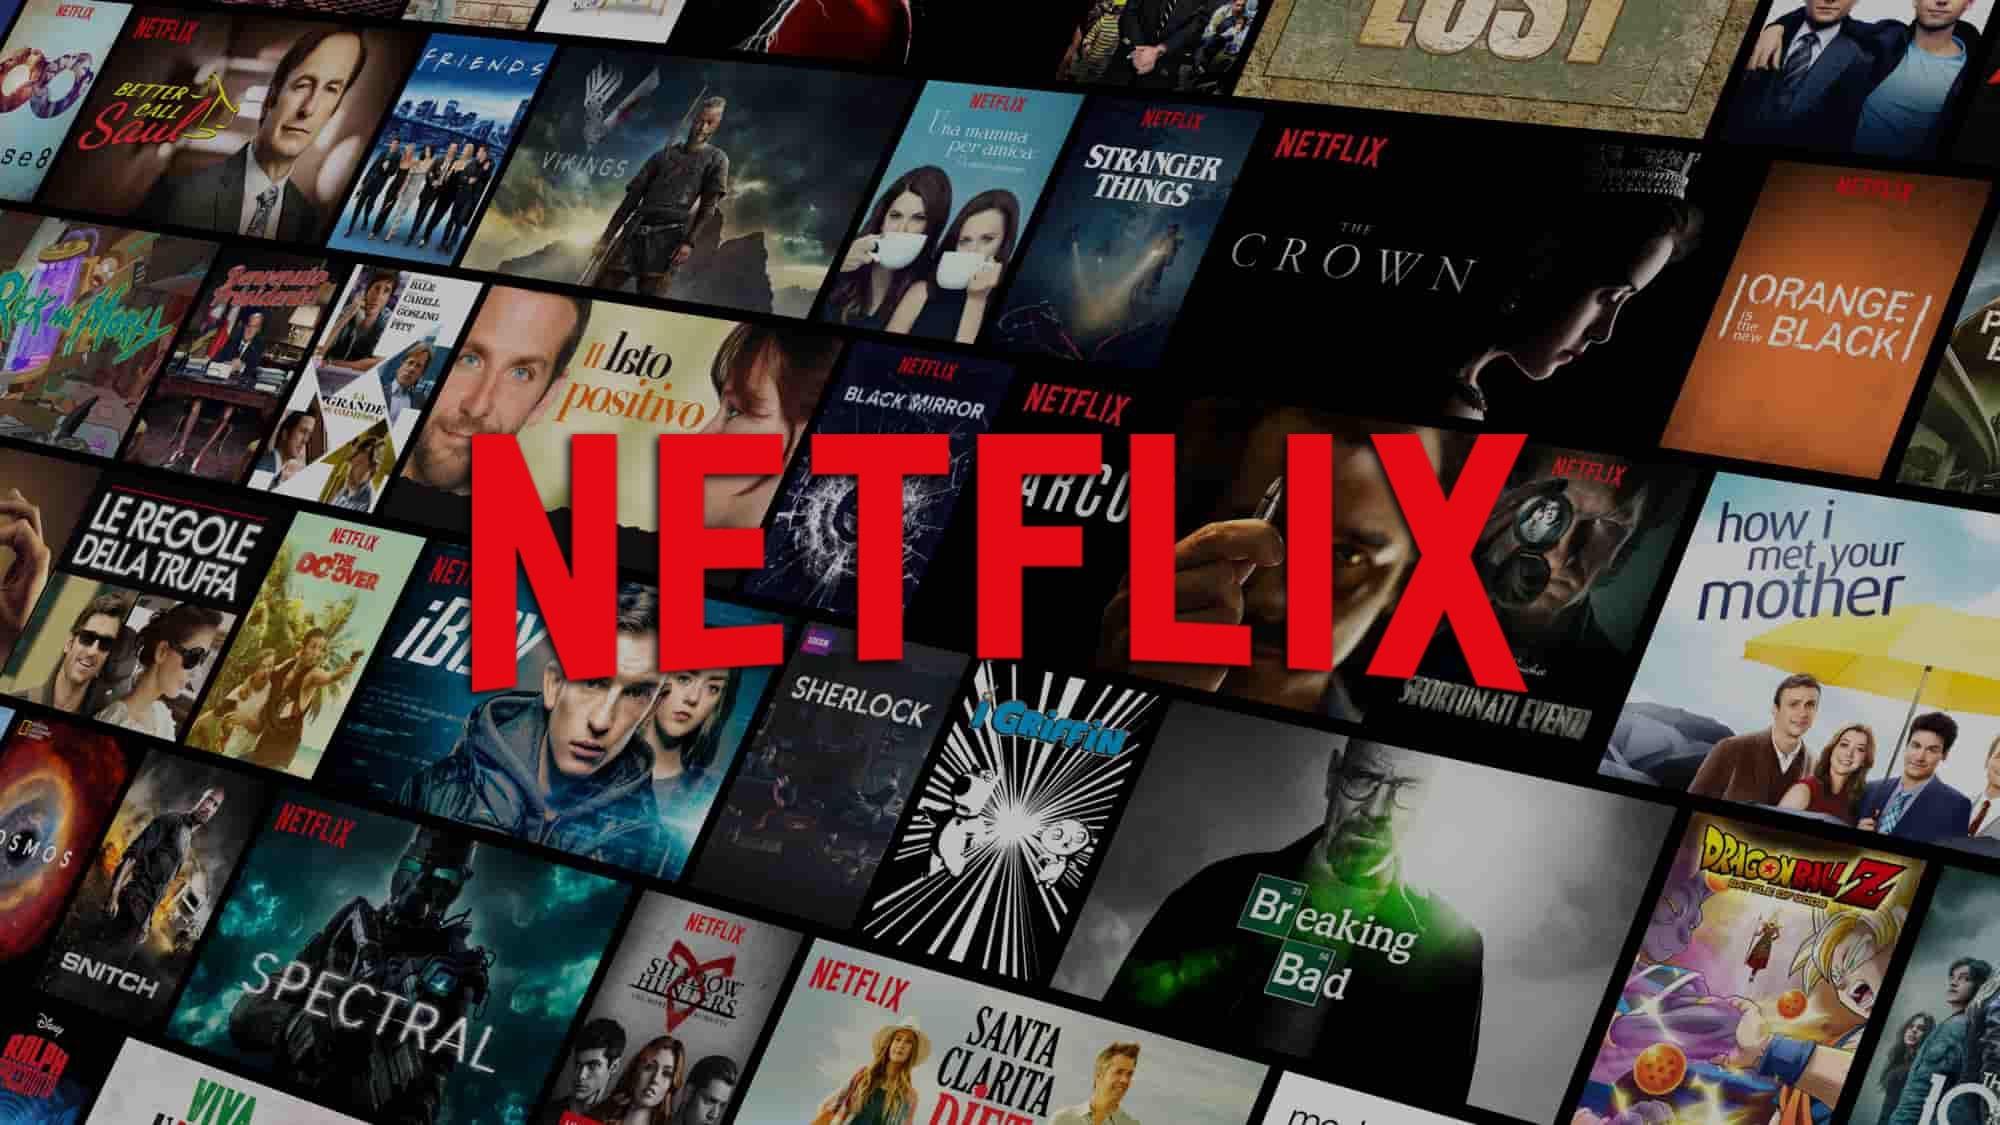 Filmes da Netflix - 20 longas originais que você precisa assistir